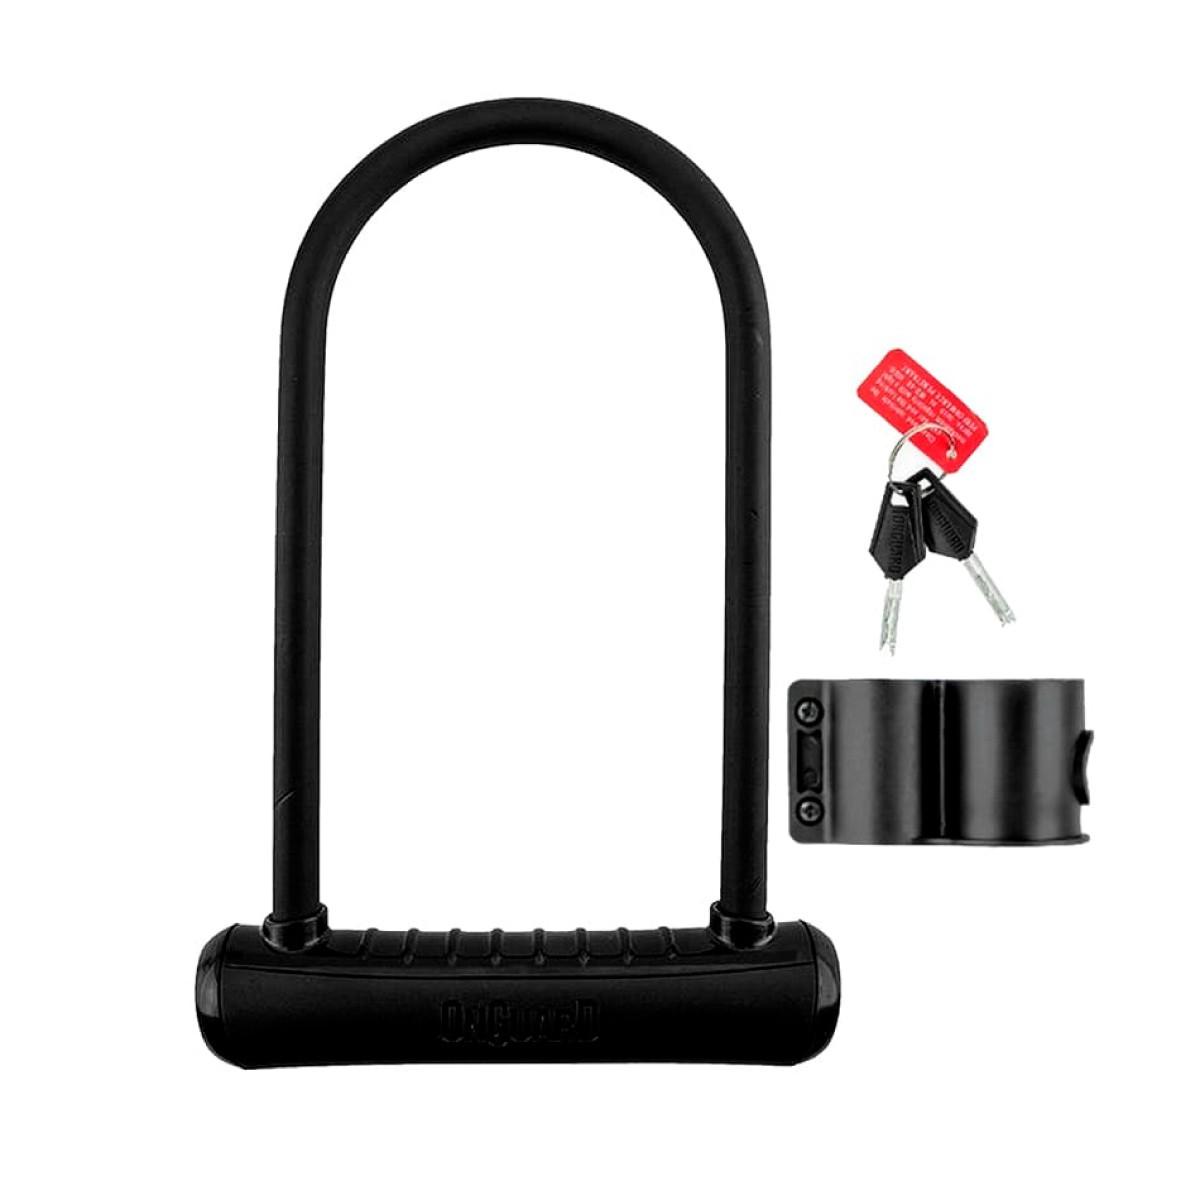 Cadeado U-Lock Onguard Neon 8152 Preto